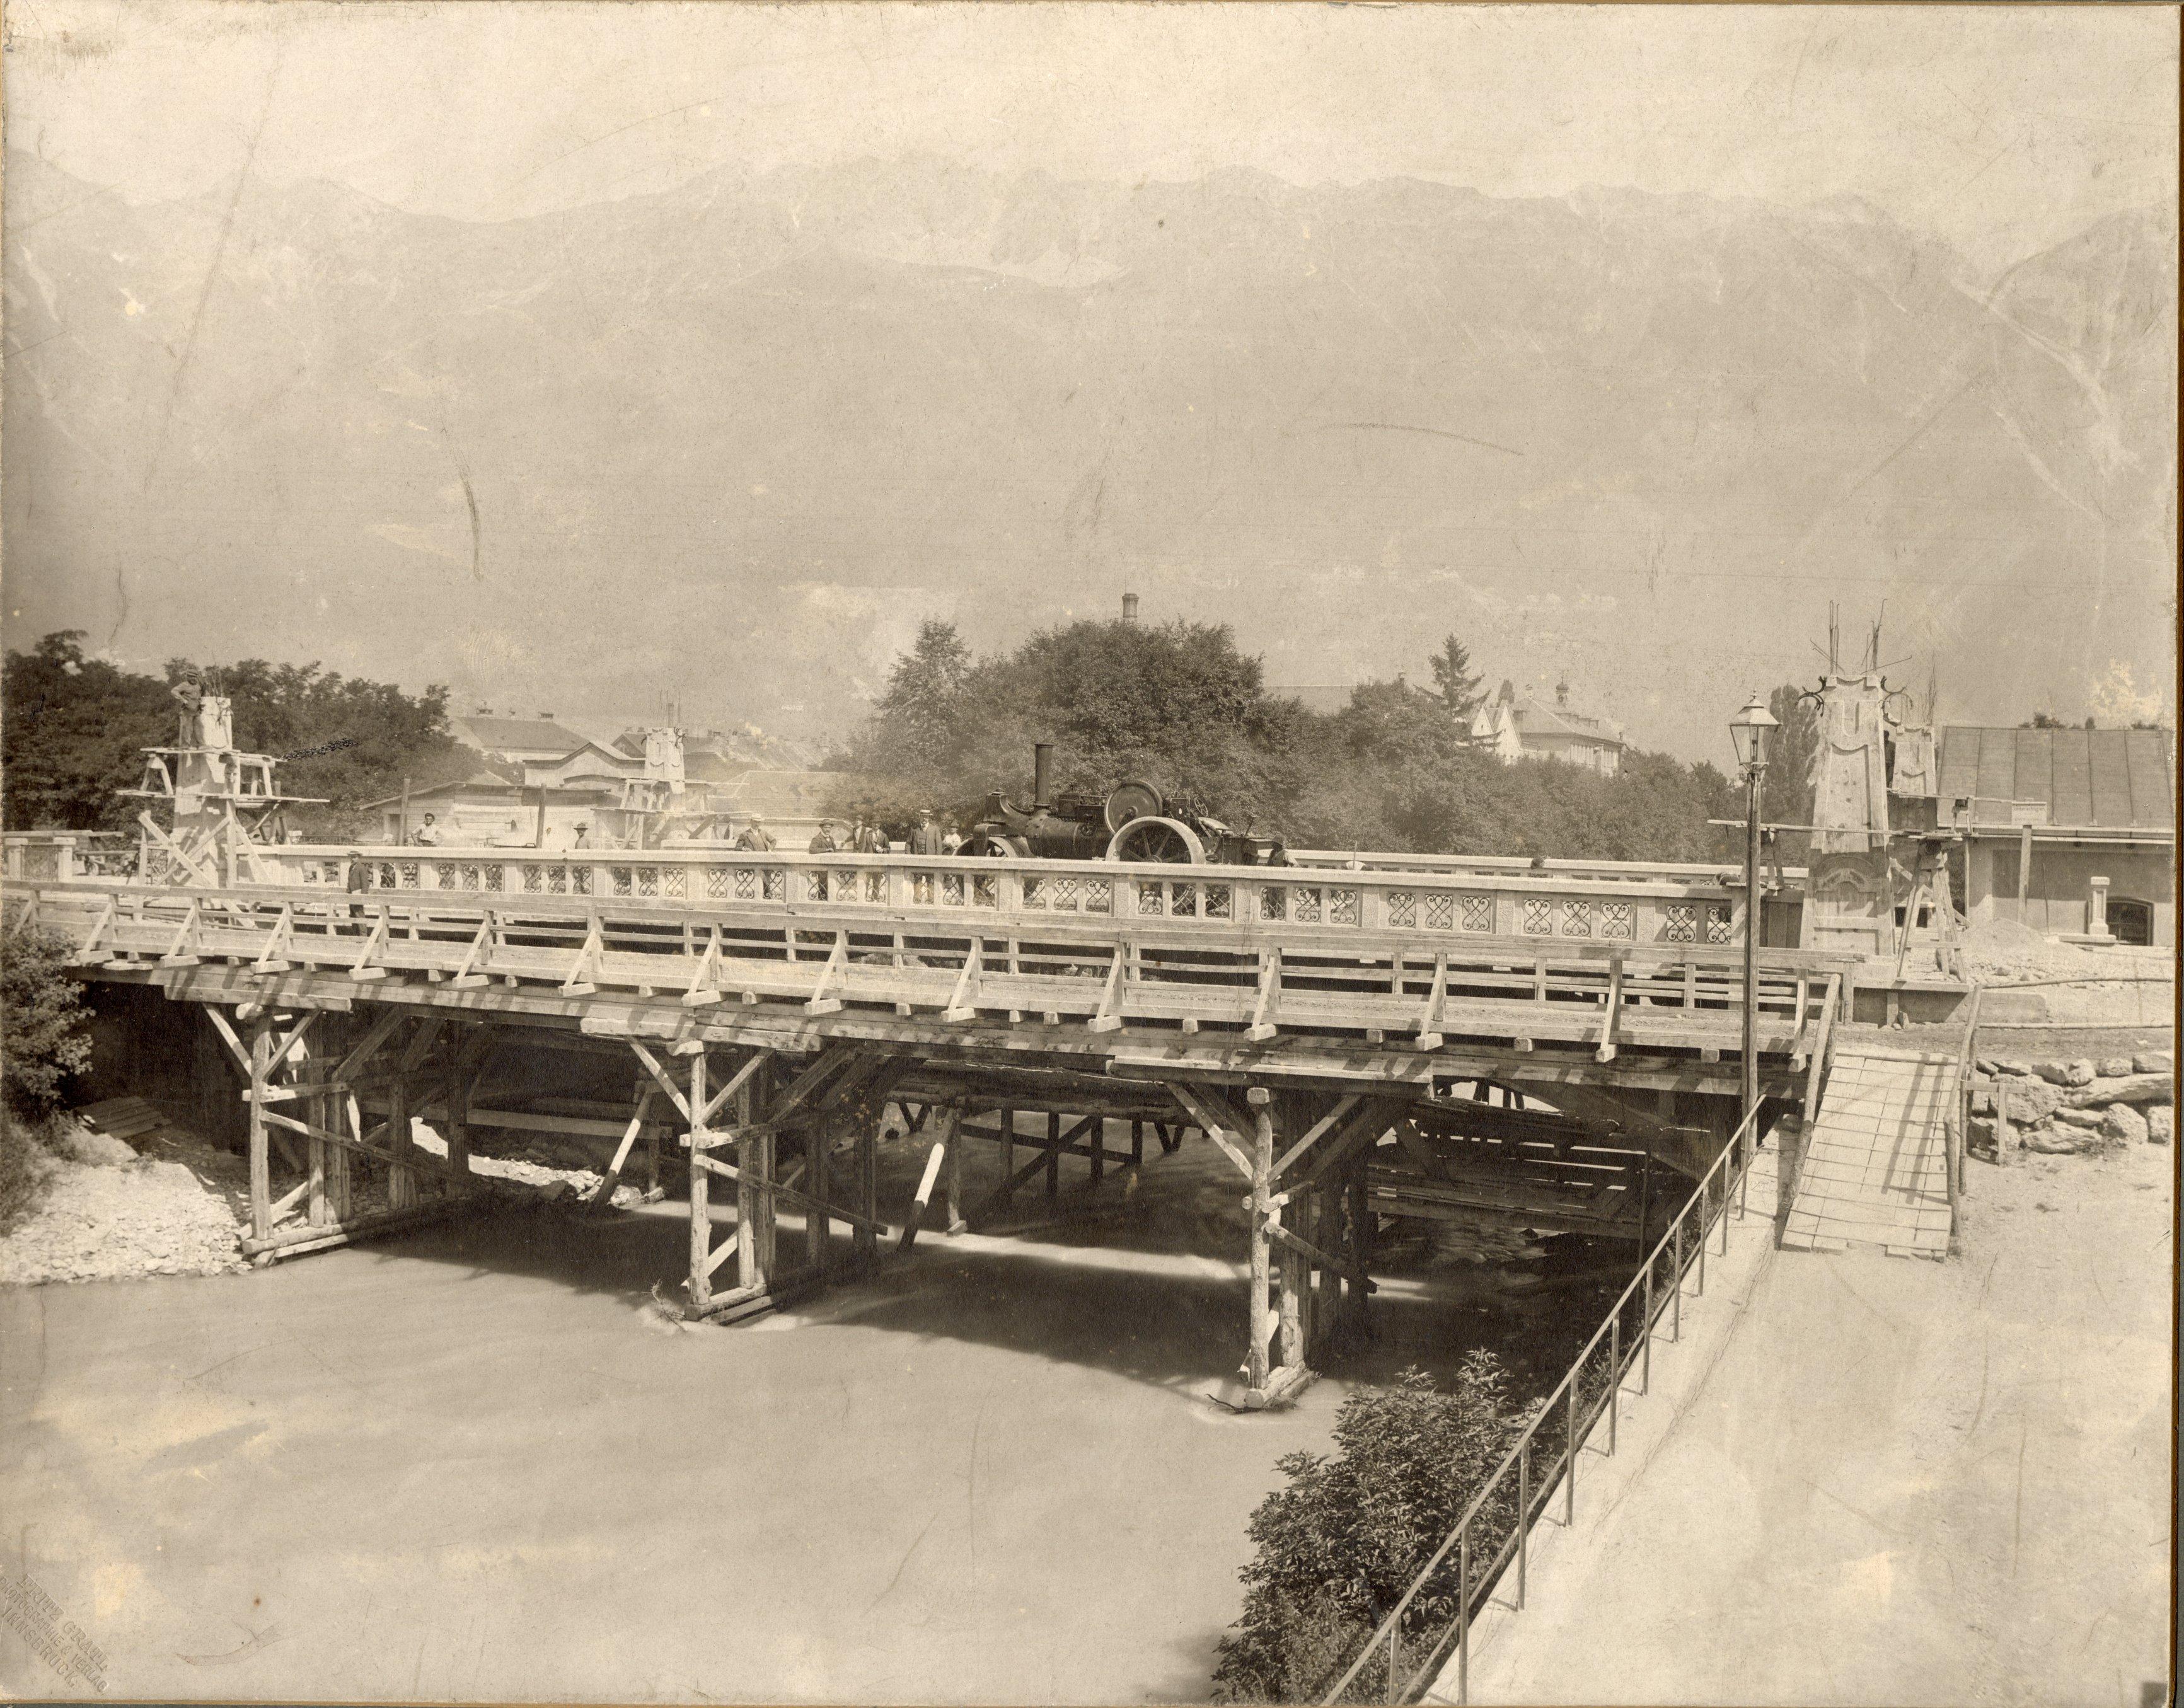 Innsbrucks Erste Eisenbetonbrücke